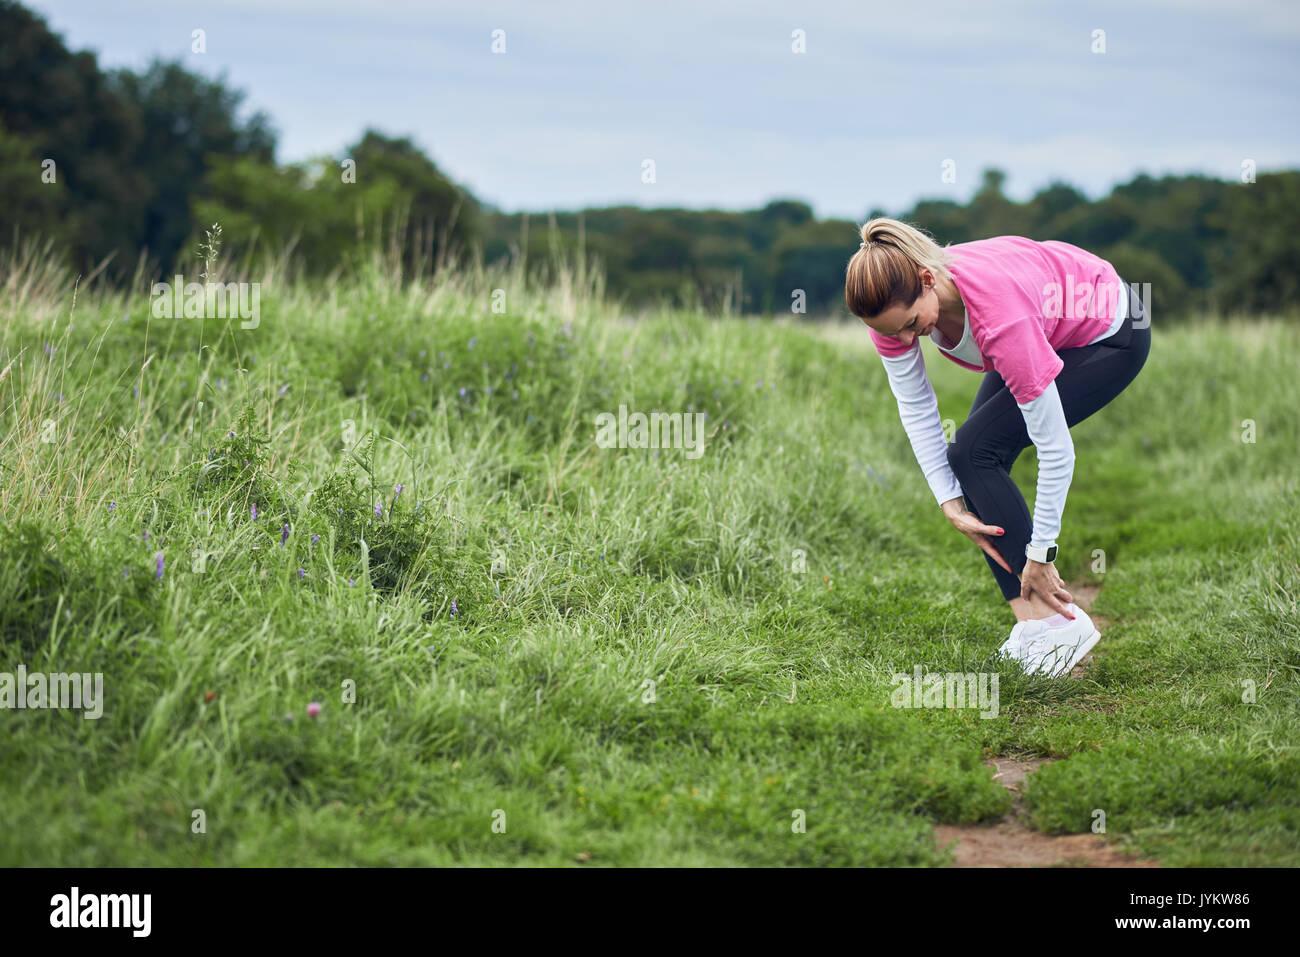 Eine Ausübung der Frau in Passform Verschleiß beim Laufen im Freien, Stop, um die Kupplung einen verletzten Knöchel. Stockbild